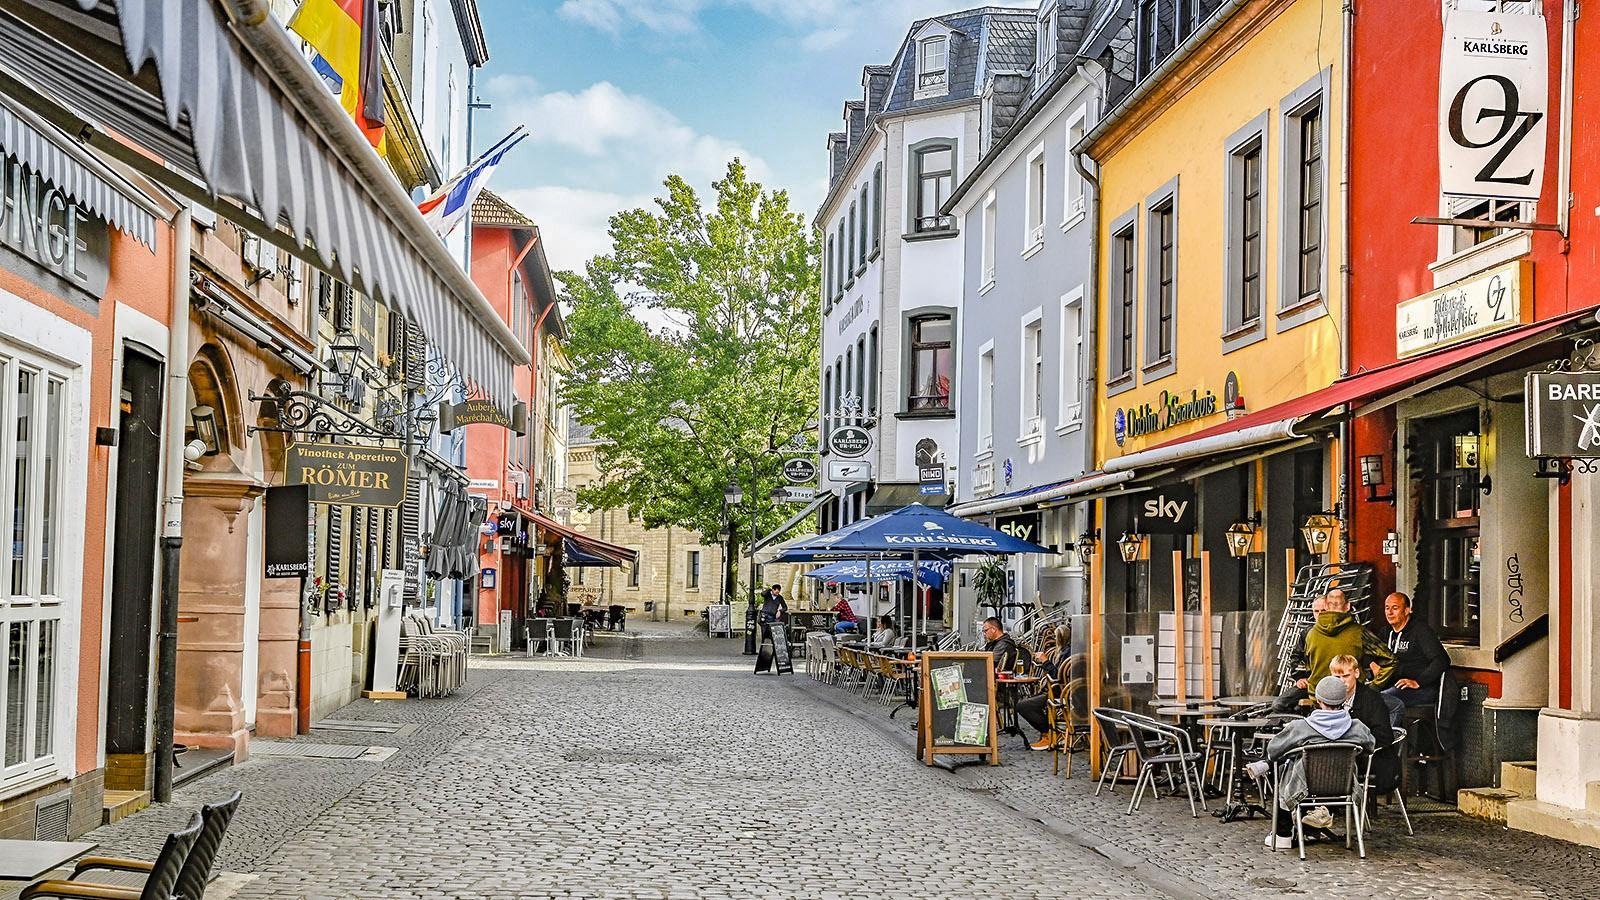 In der Altstadt von Saarlouis. Foto: Hilke Maunder